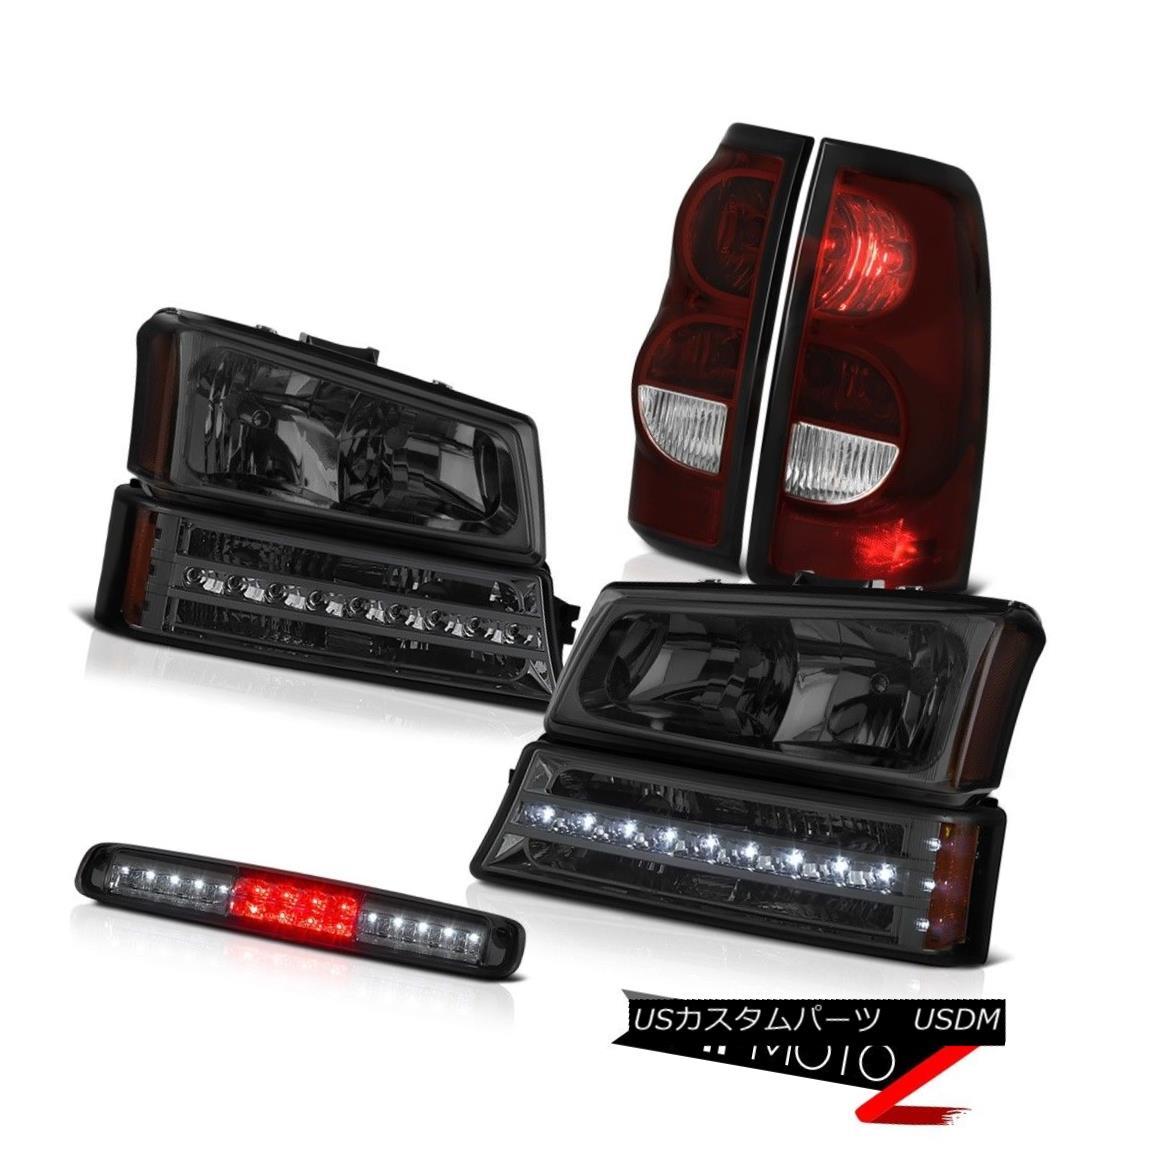 テールライト 03-06 Silverado 1500 Roof Brake Lamp Smokey Red Taillamps Turn Signal Headlights 03-06 Silverado 1500屋根用ブレーキランプスモーキーレッドタイルランプターンシグナルヘッドライト